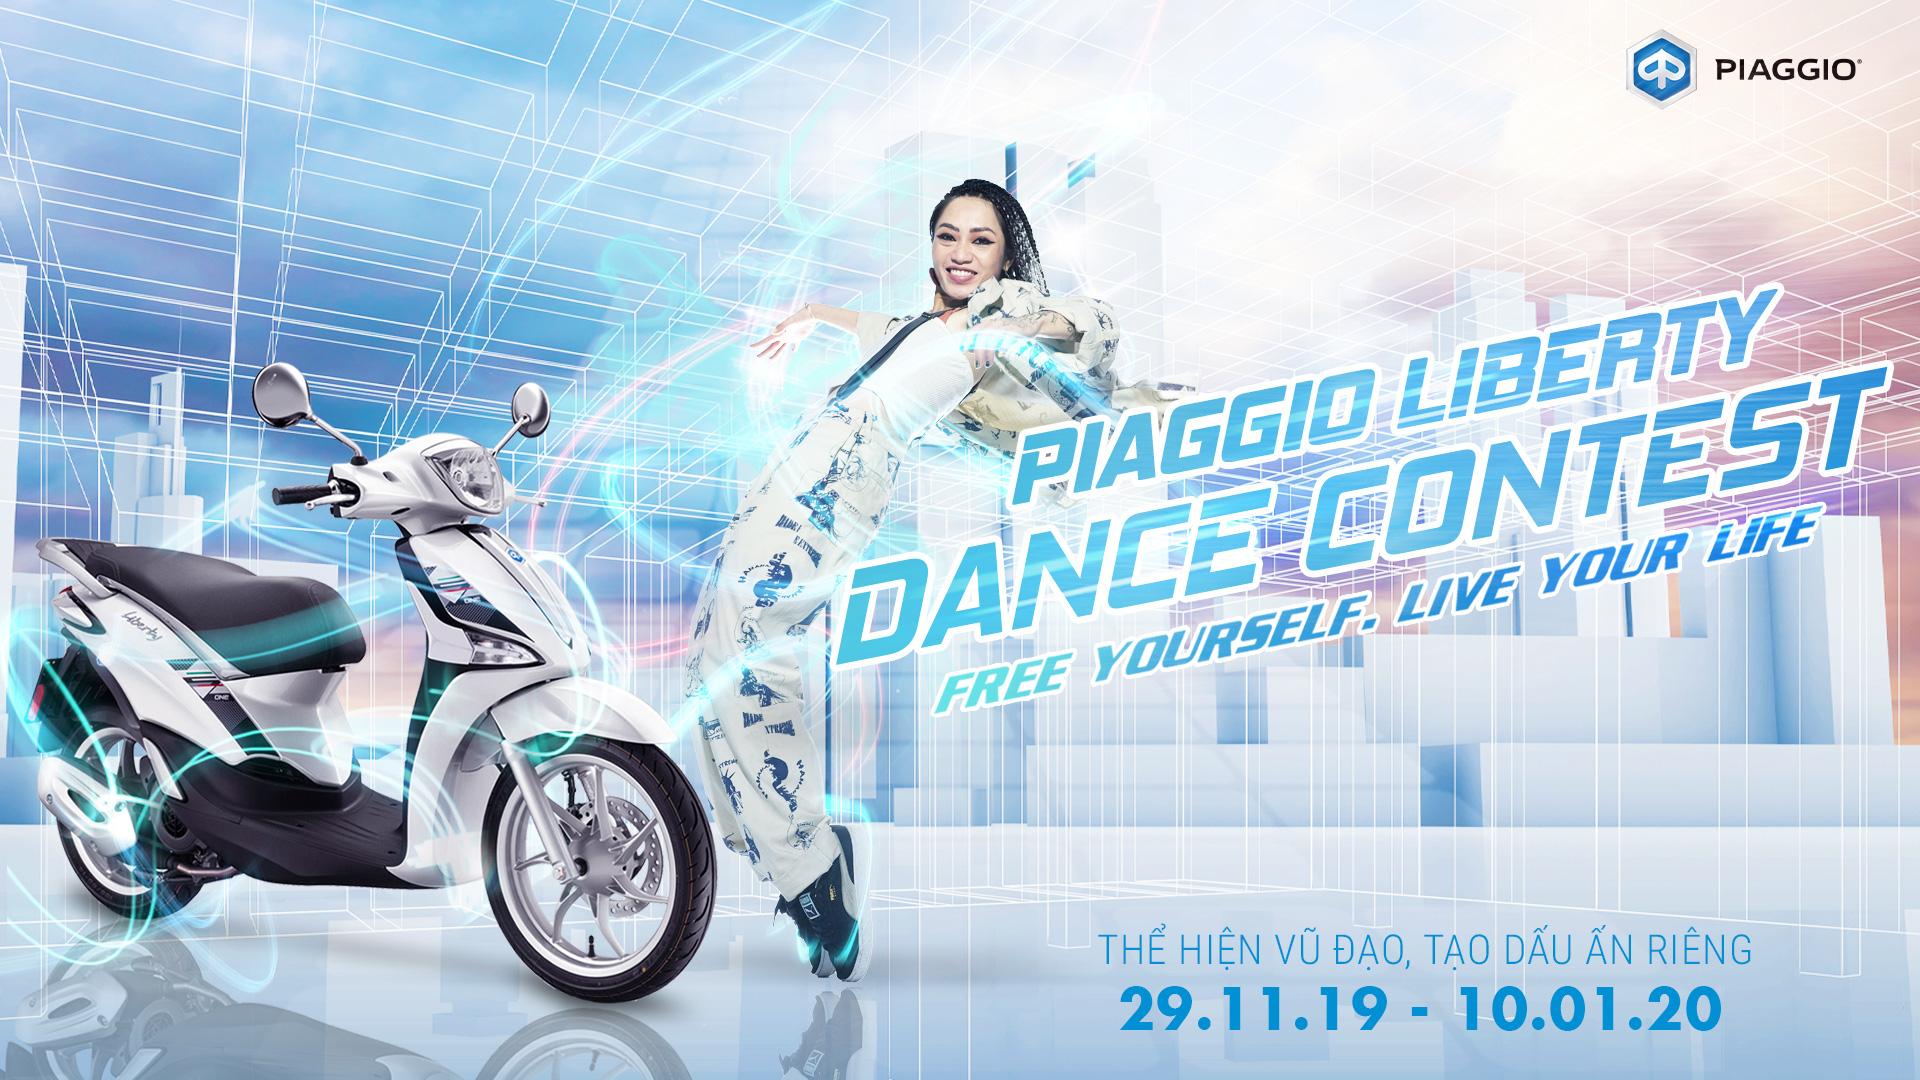 Piaggio Liberty Dance Contest – Cuộc thi nhảy siêu hot với tổng giá trị giải thưởng lên tới hơn 100 triệu đồng chính thức khởi tranh - Ảnh 1.